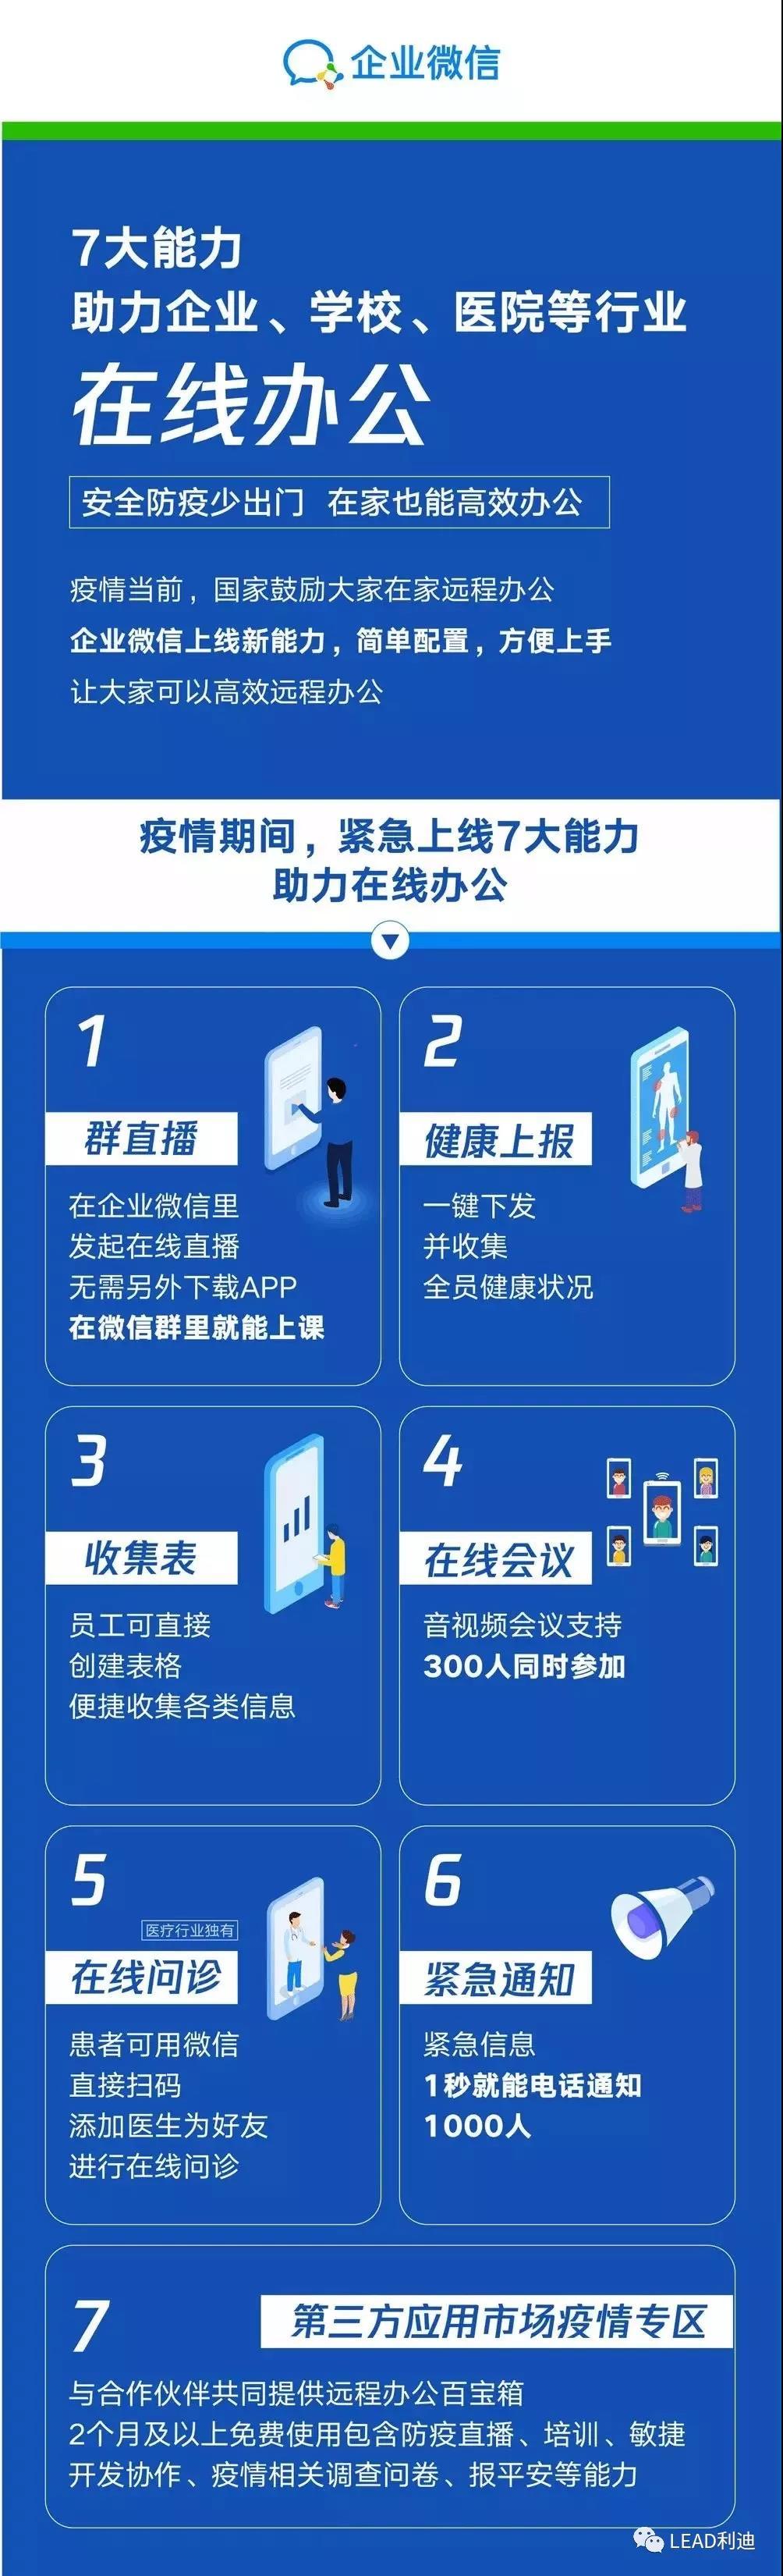 利迪股份免费助力企业疫情期间实现微信远程办公-上海朗荣投资致力于科创板挂牌融资上市